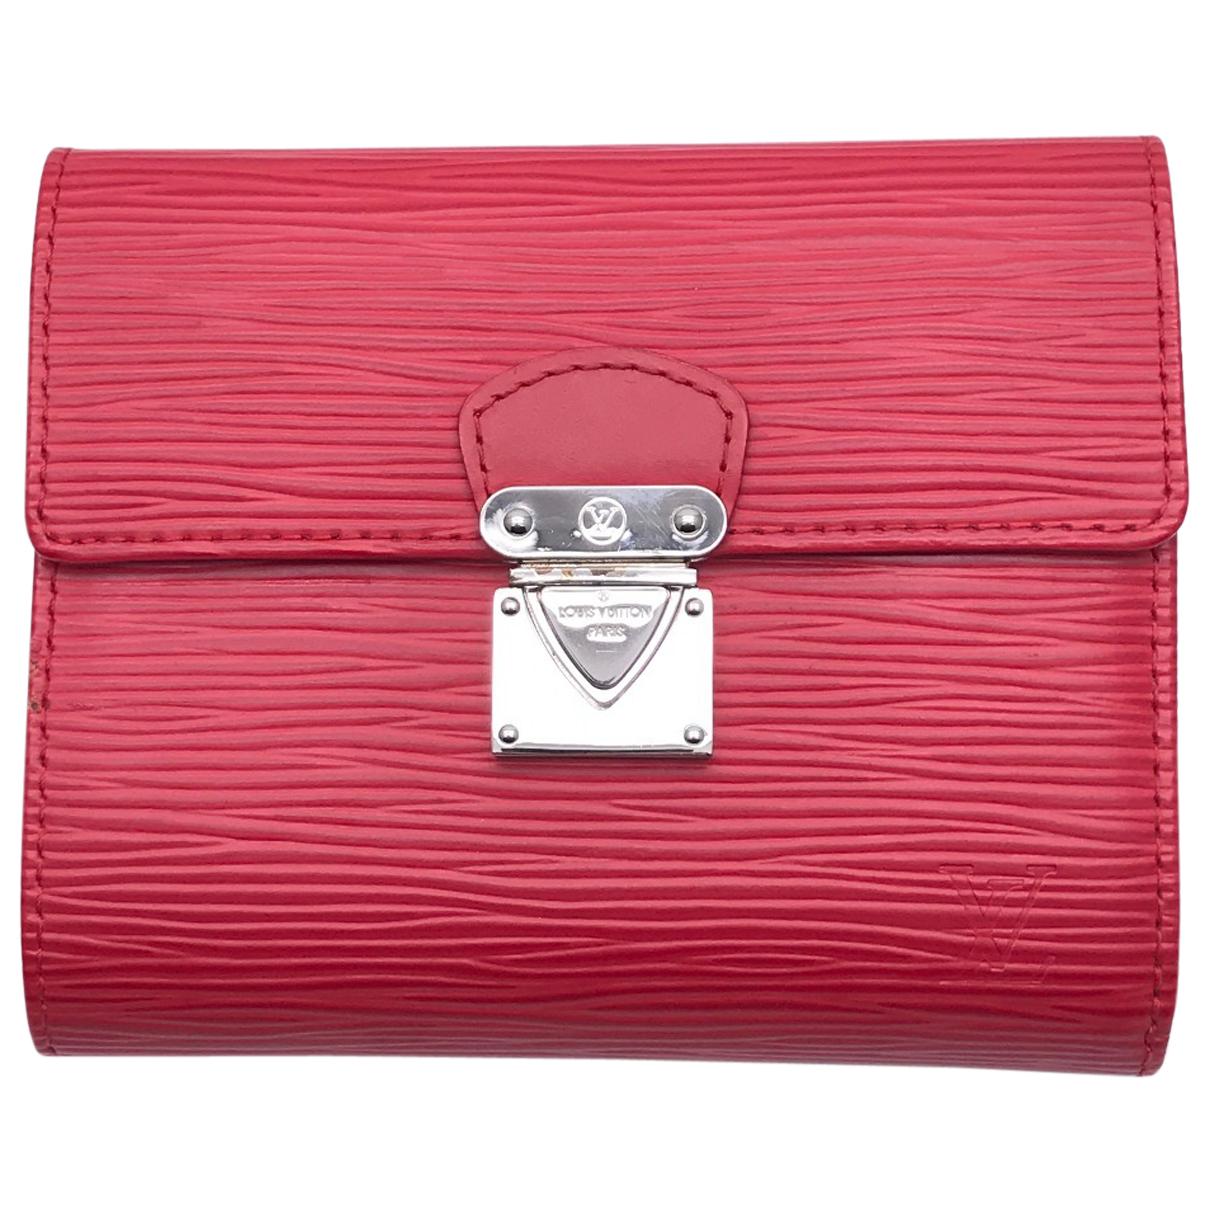 Louis Vuitton - Portefeuille Koala pour femme en cuir - rouge